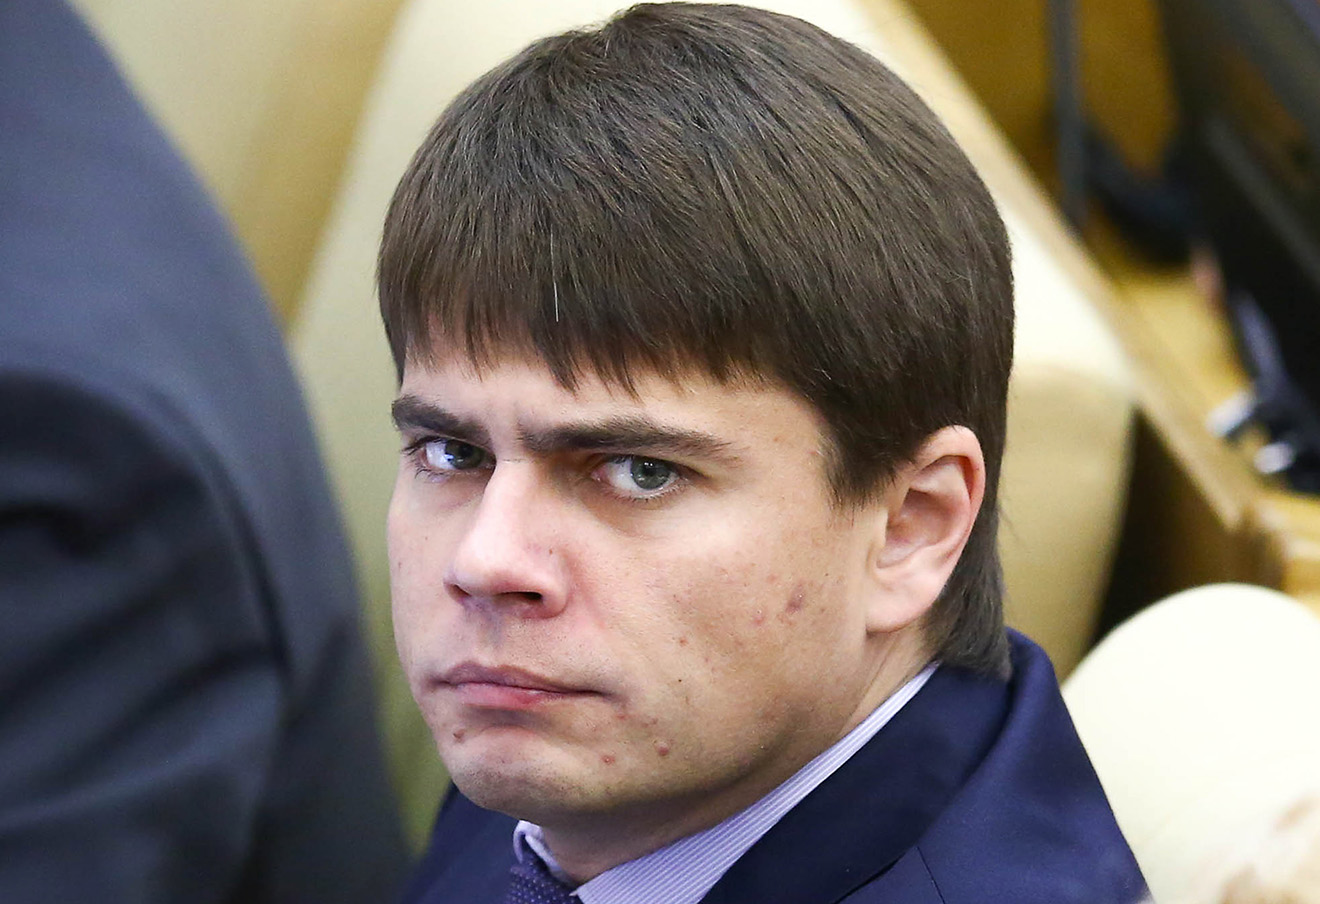 Сергей Боярский. Фото: Станислав Красильников / ТАСС